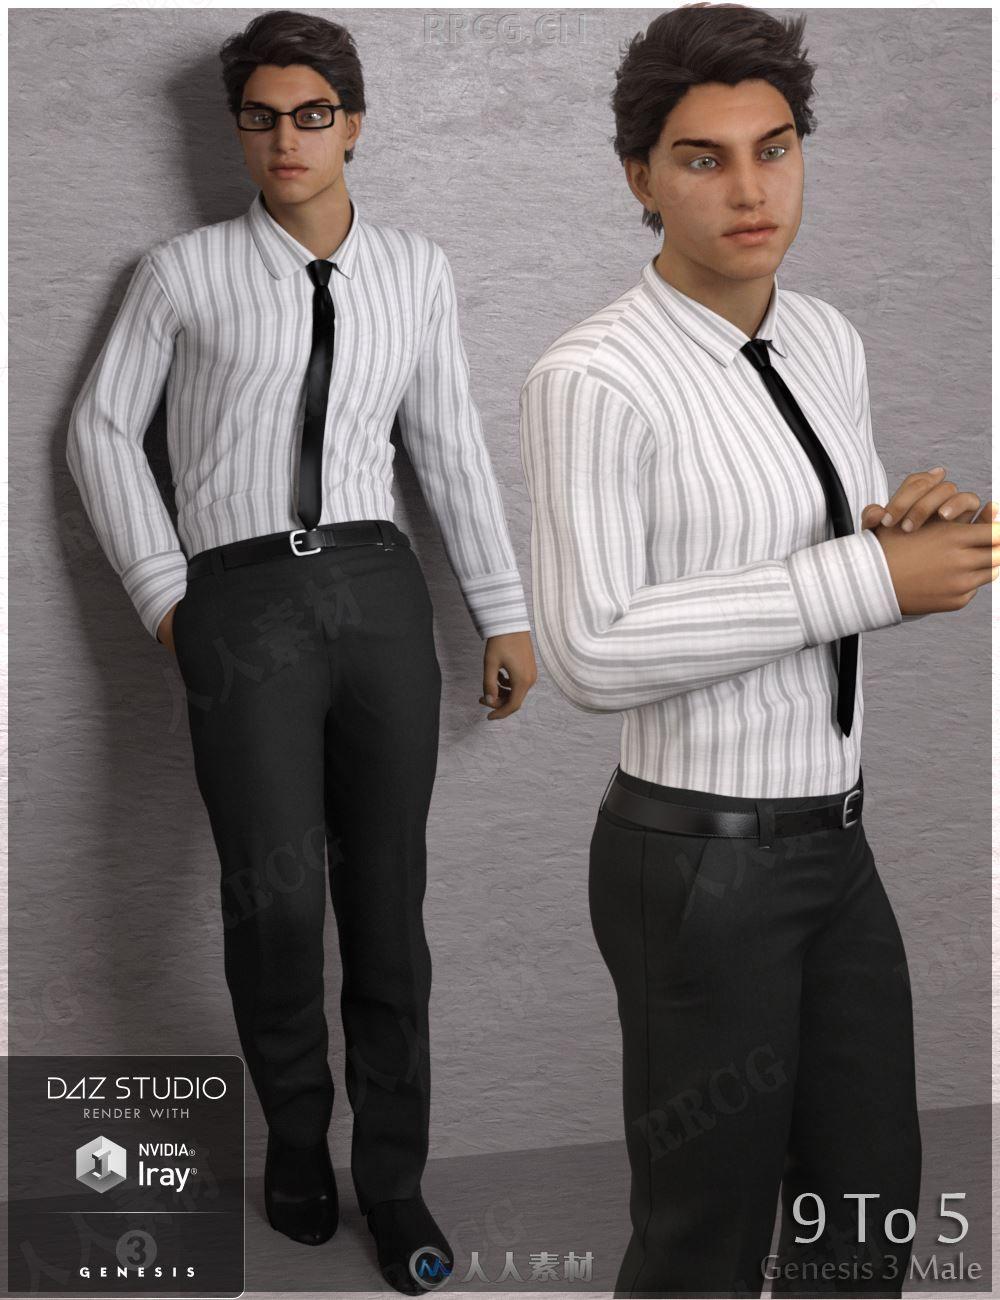 男士正装西服衬衫套装3D模型合集